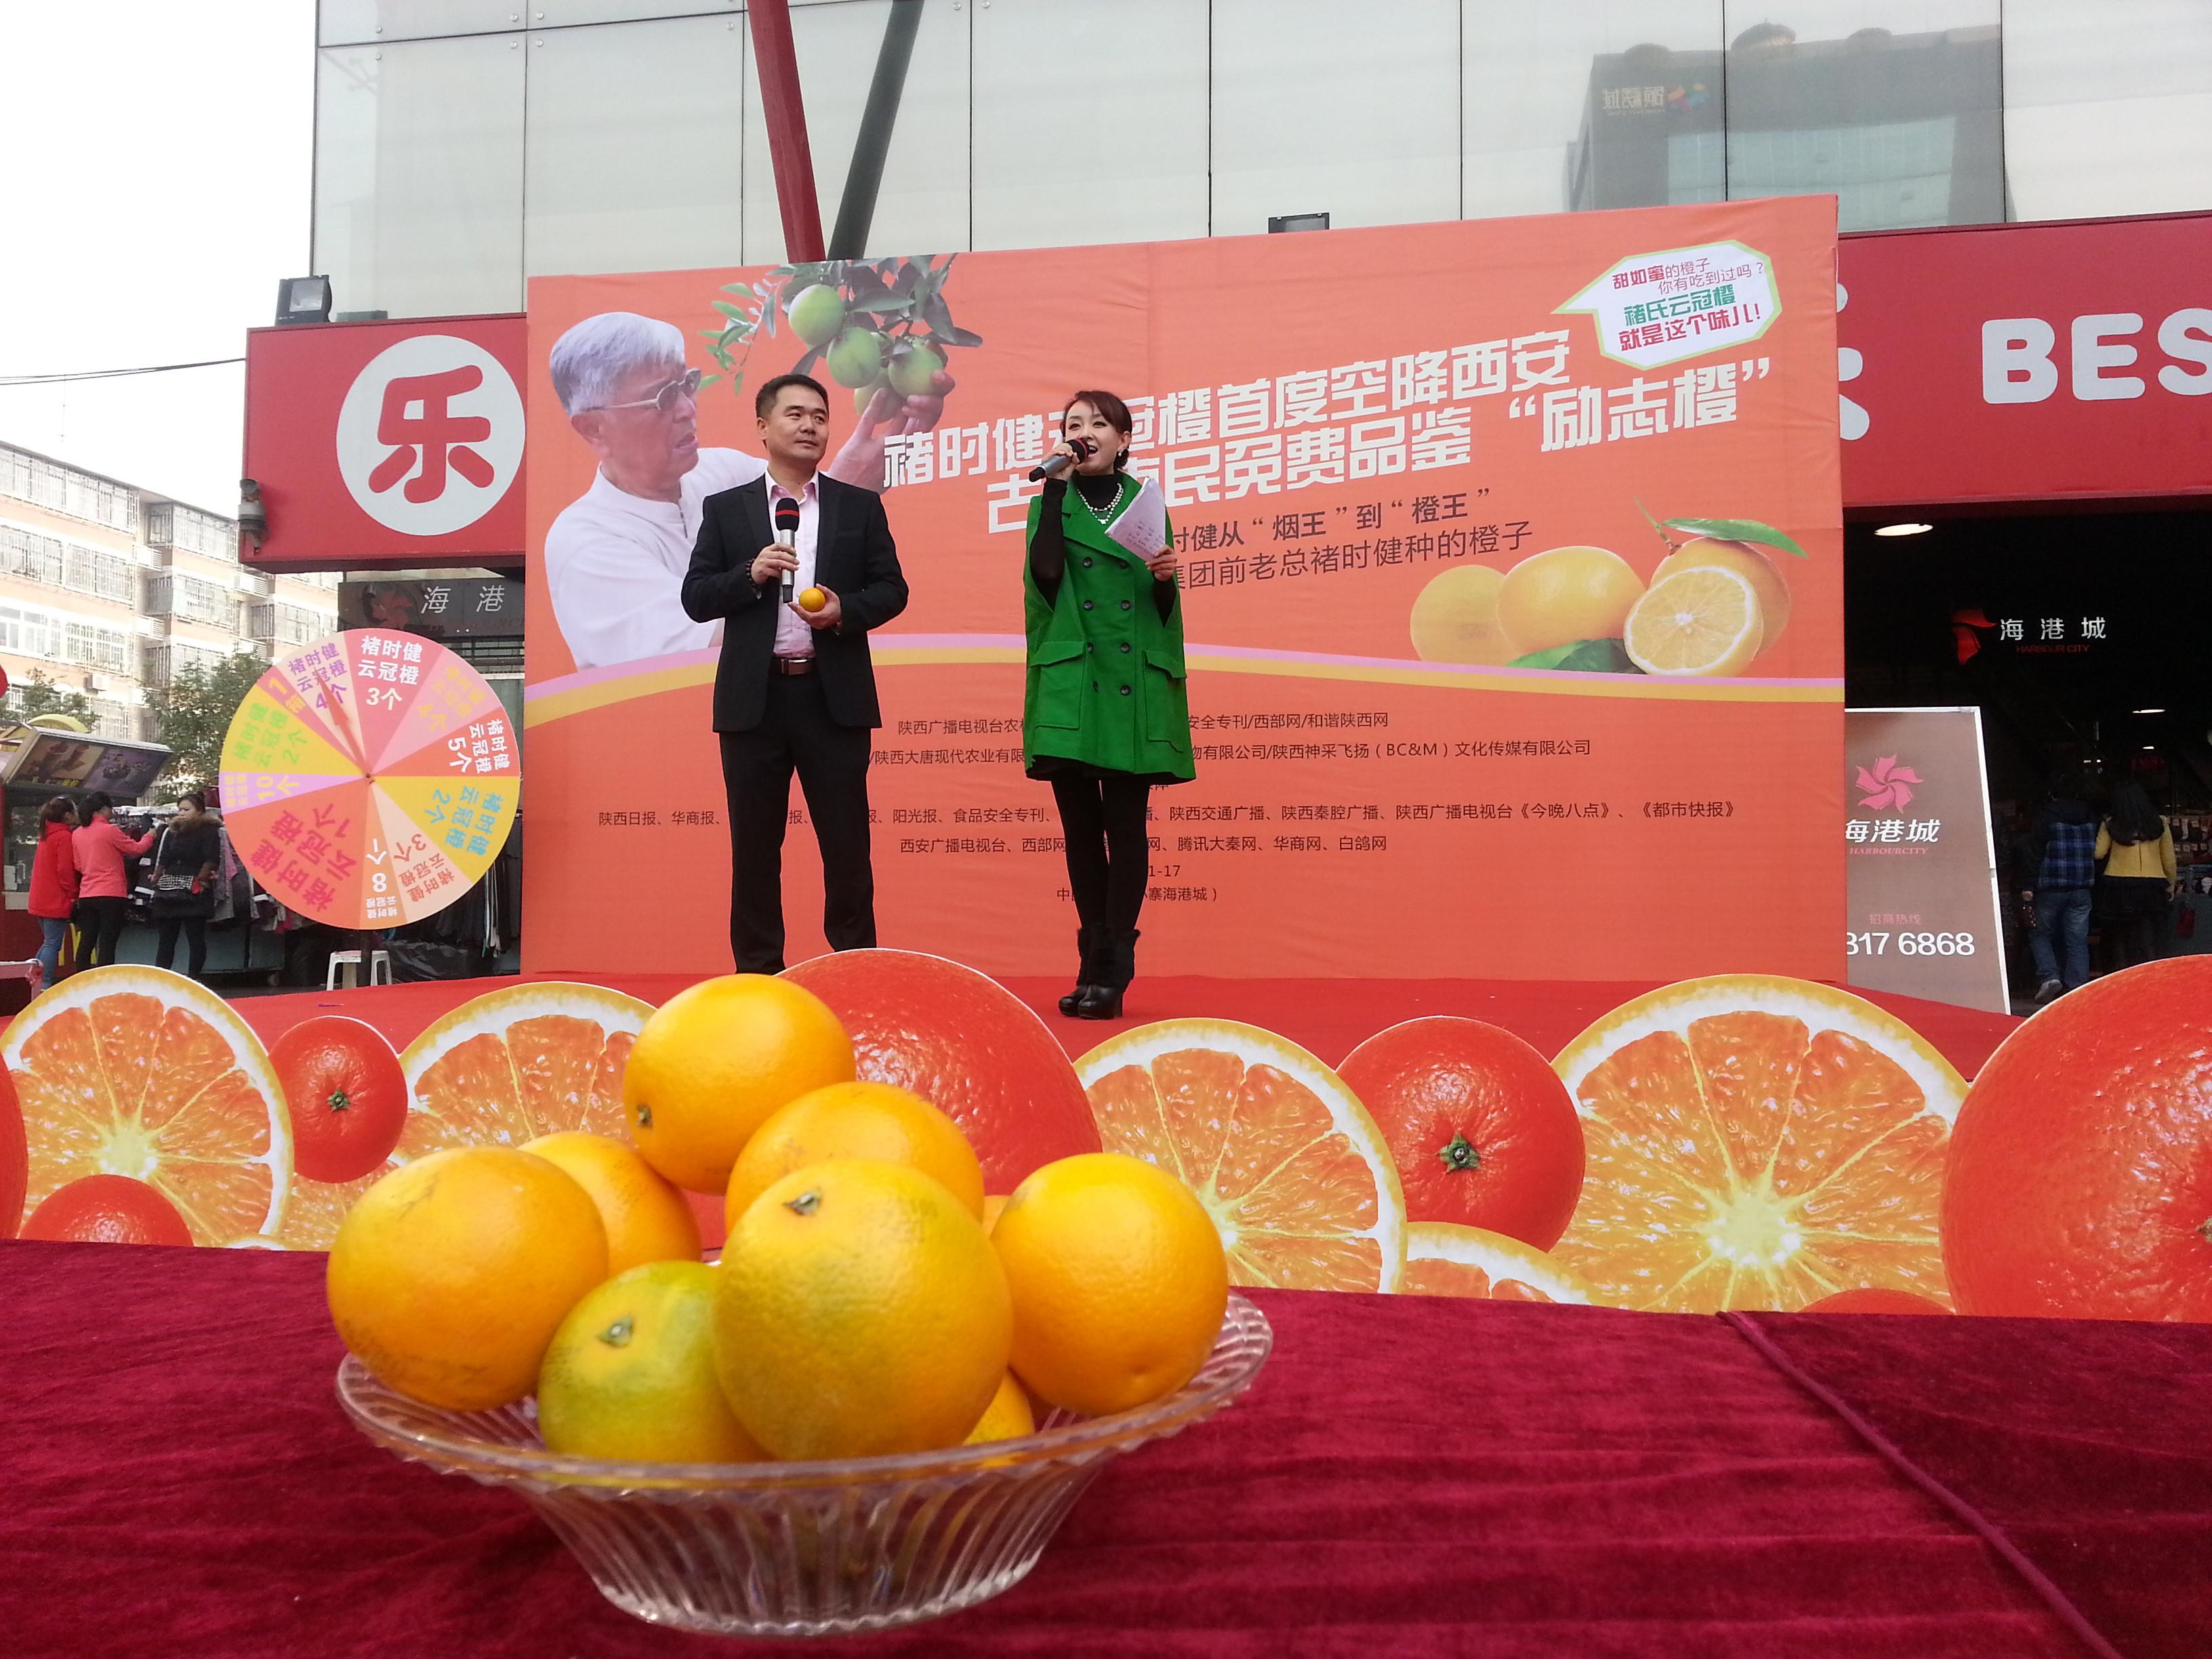 褚时健/禇橙首度来陕西安市民免费品尝云冠橙